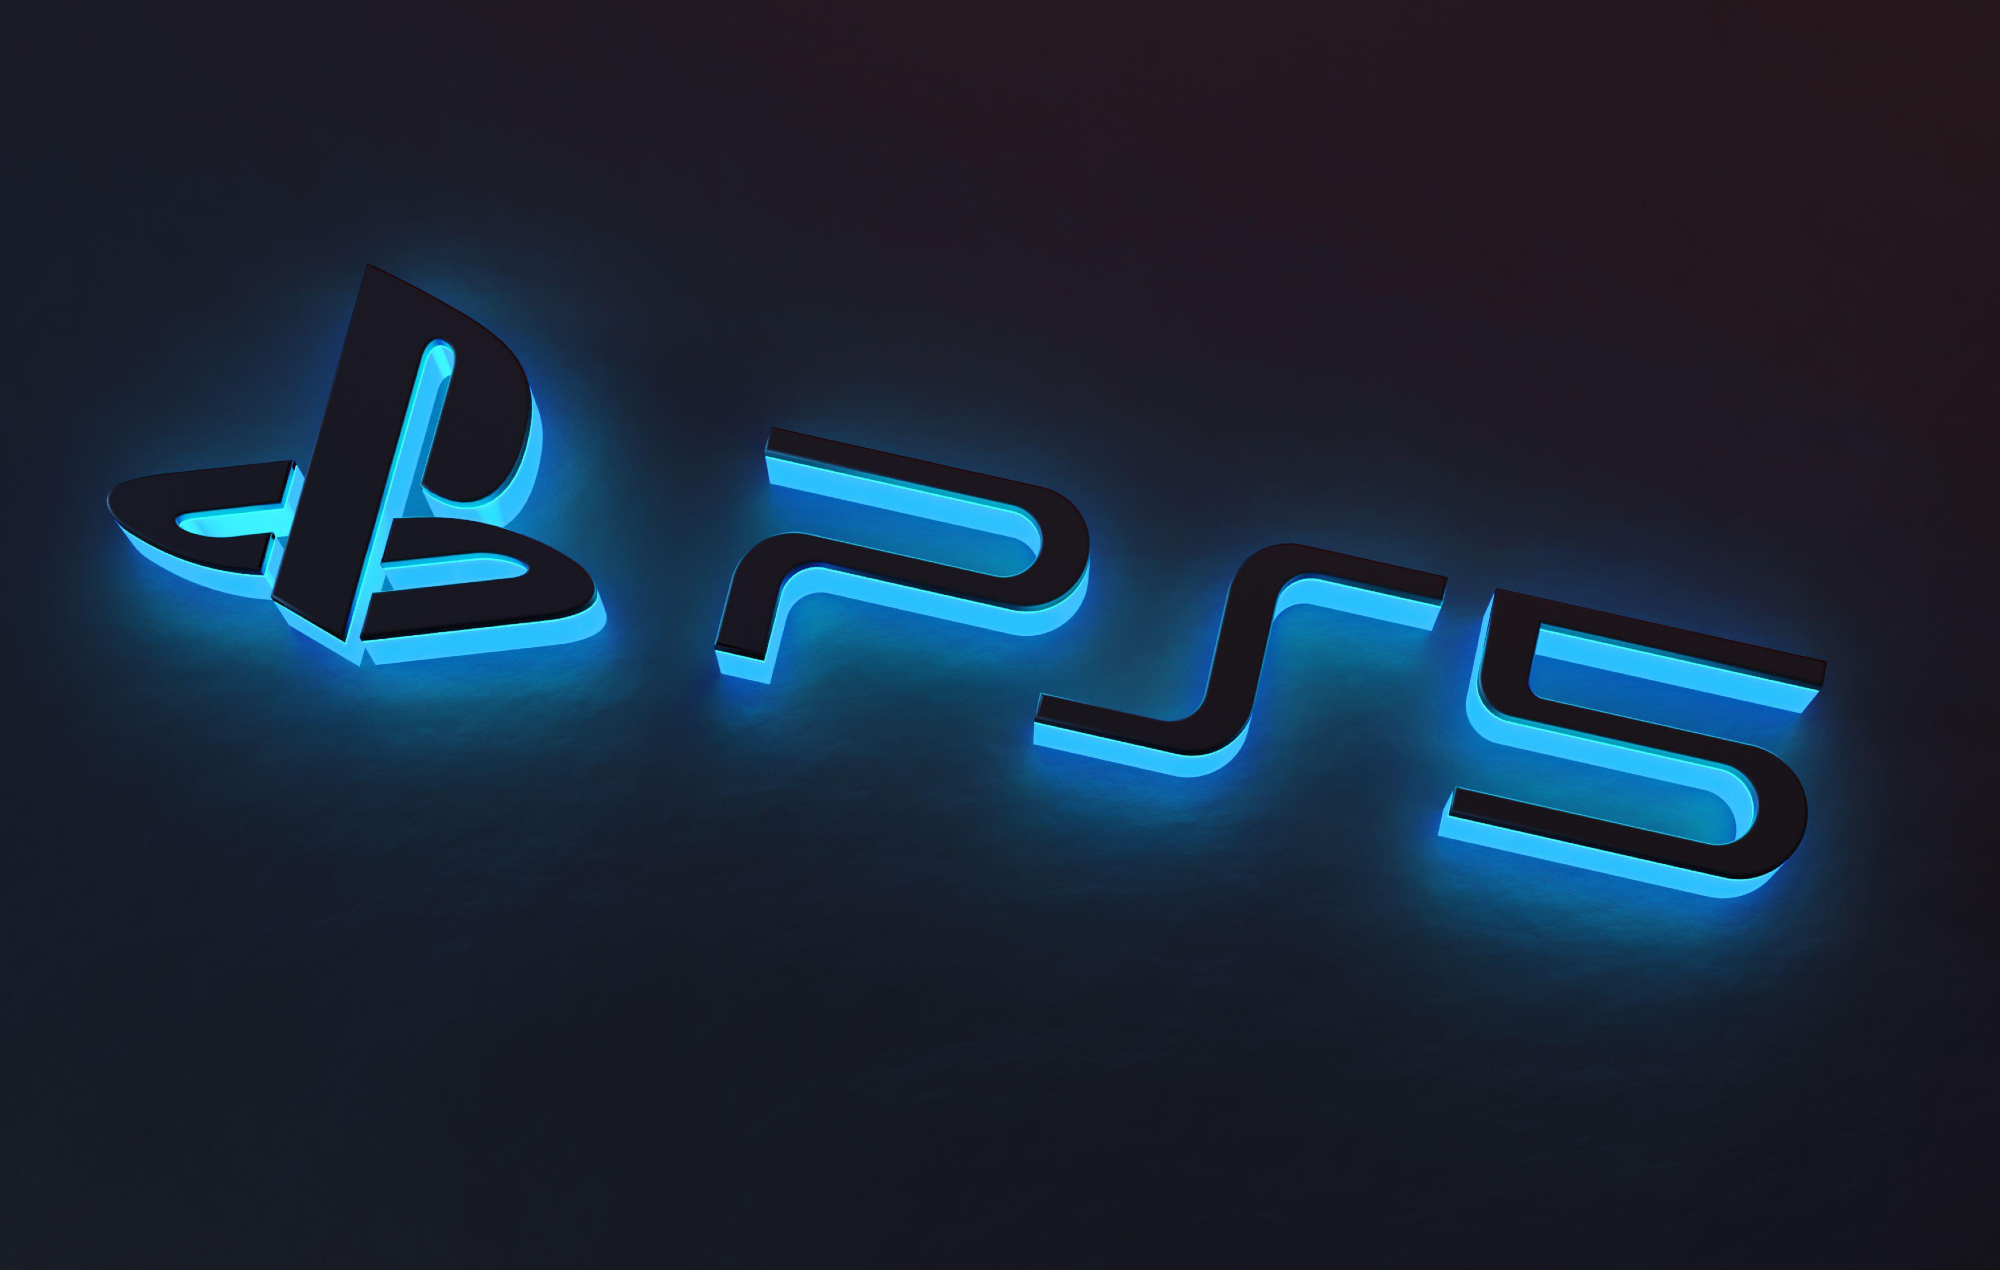 Sony's PlayStation 5